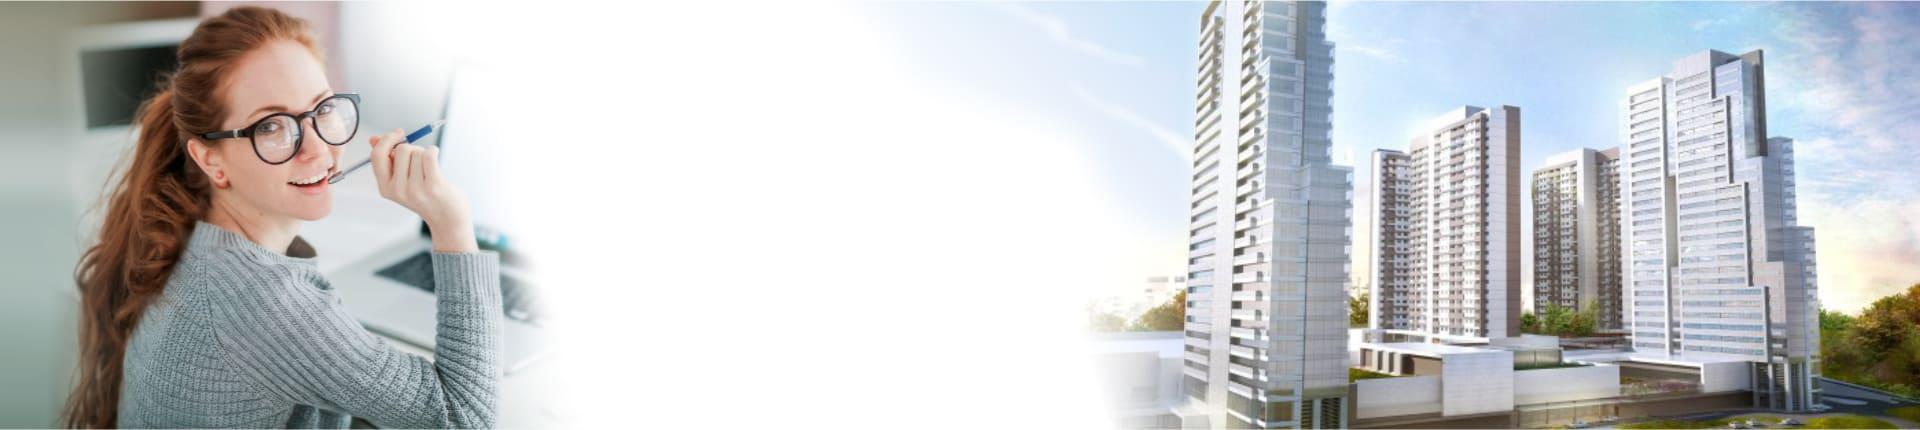 bg-banner-02